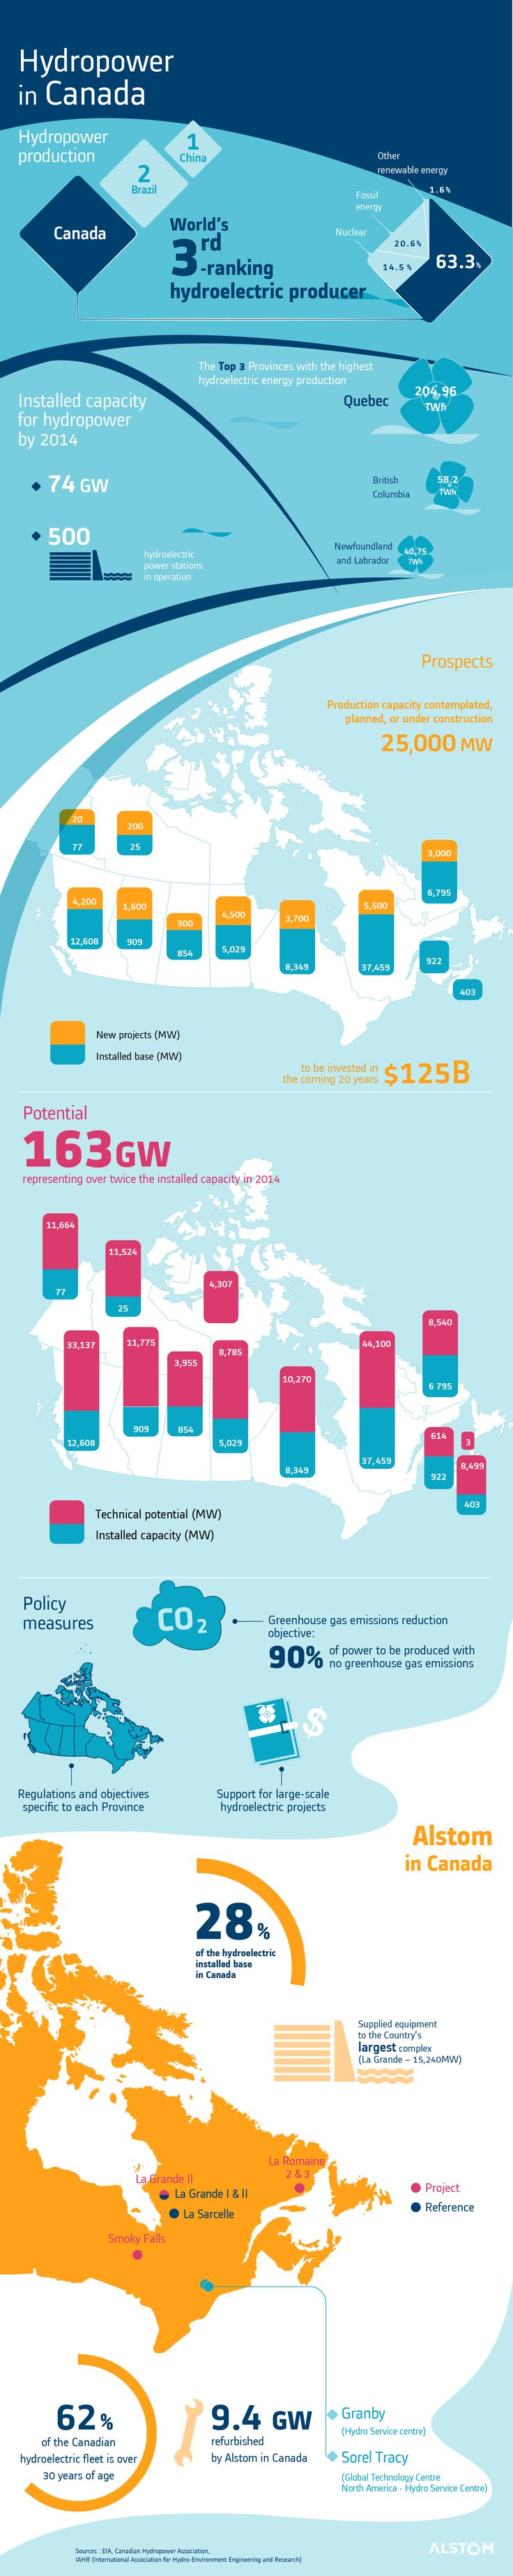 Hydropower in Canada - Infographie réseaux sociaux - Alstom